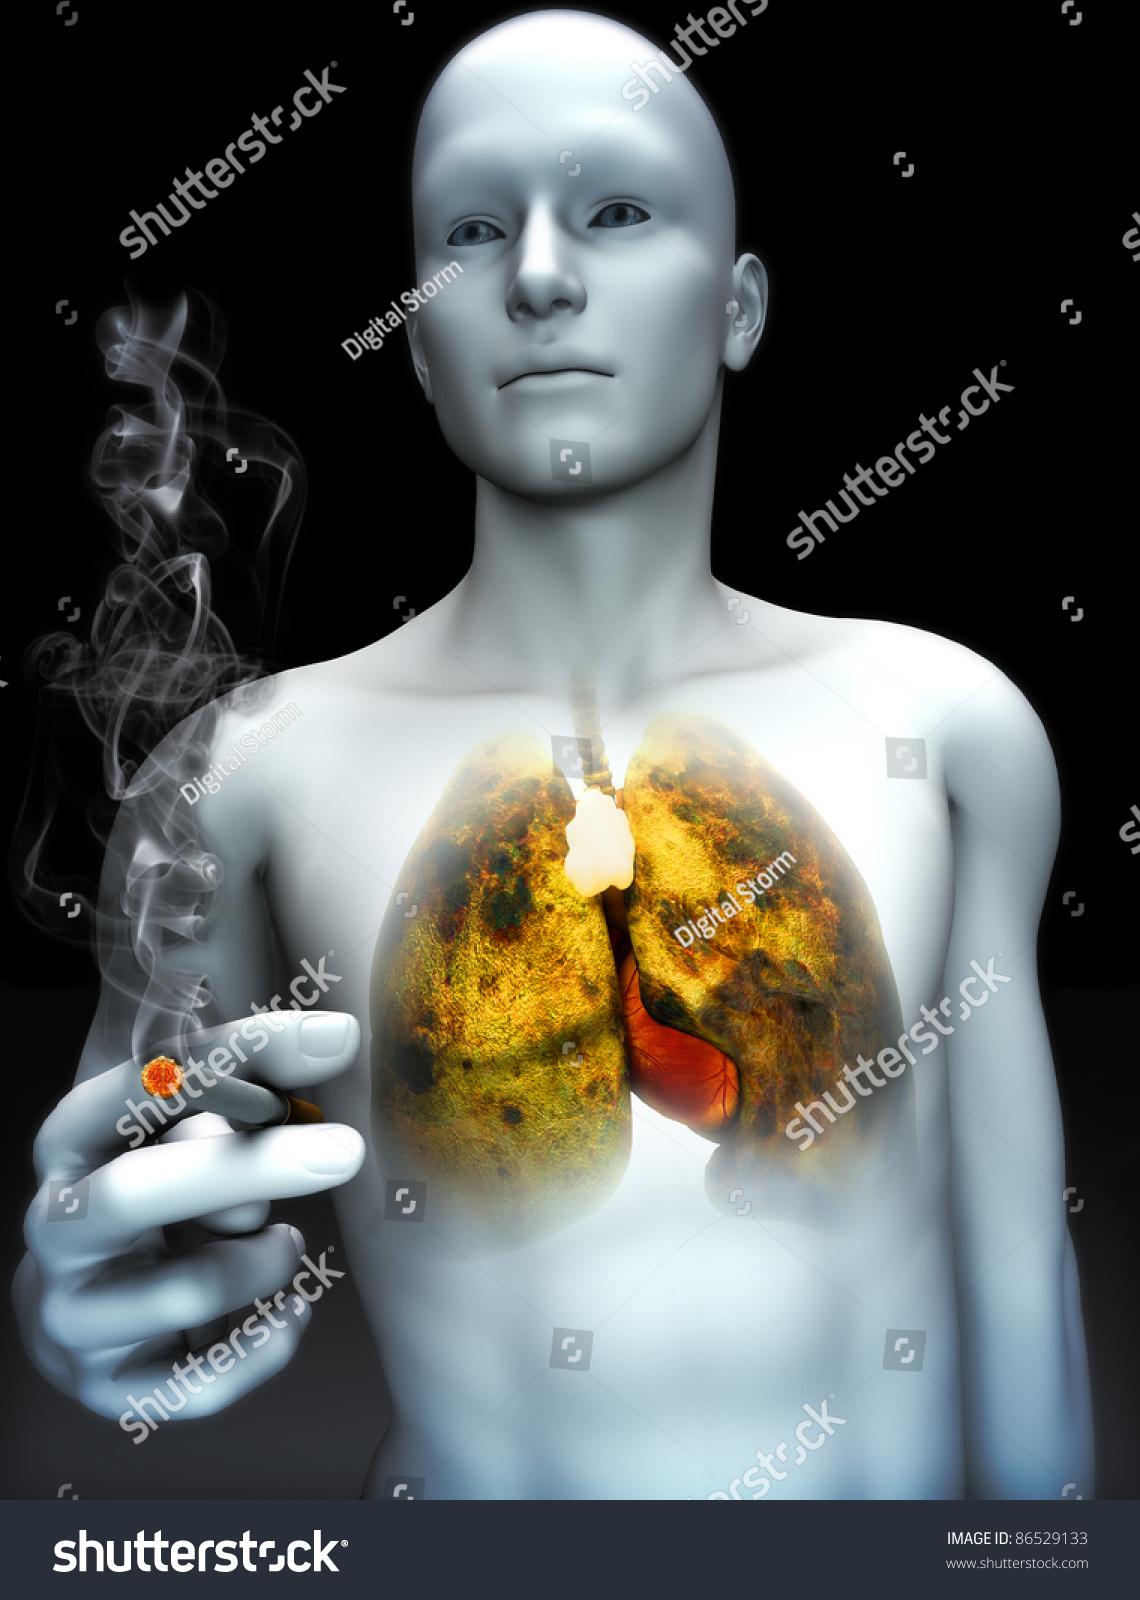 smoking kills Gallery